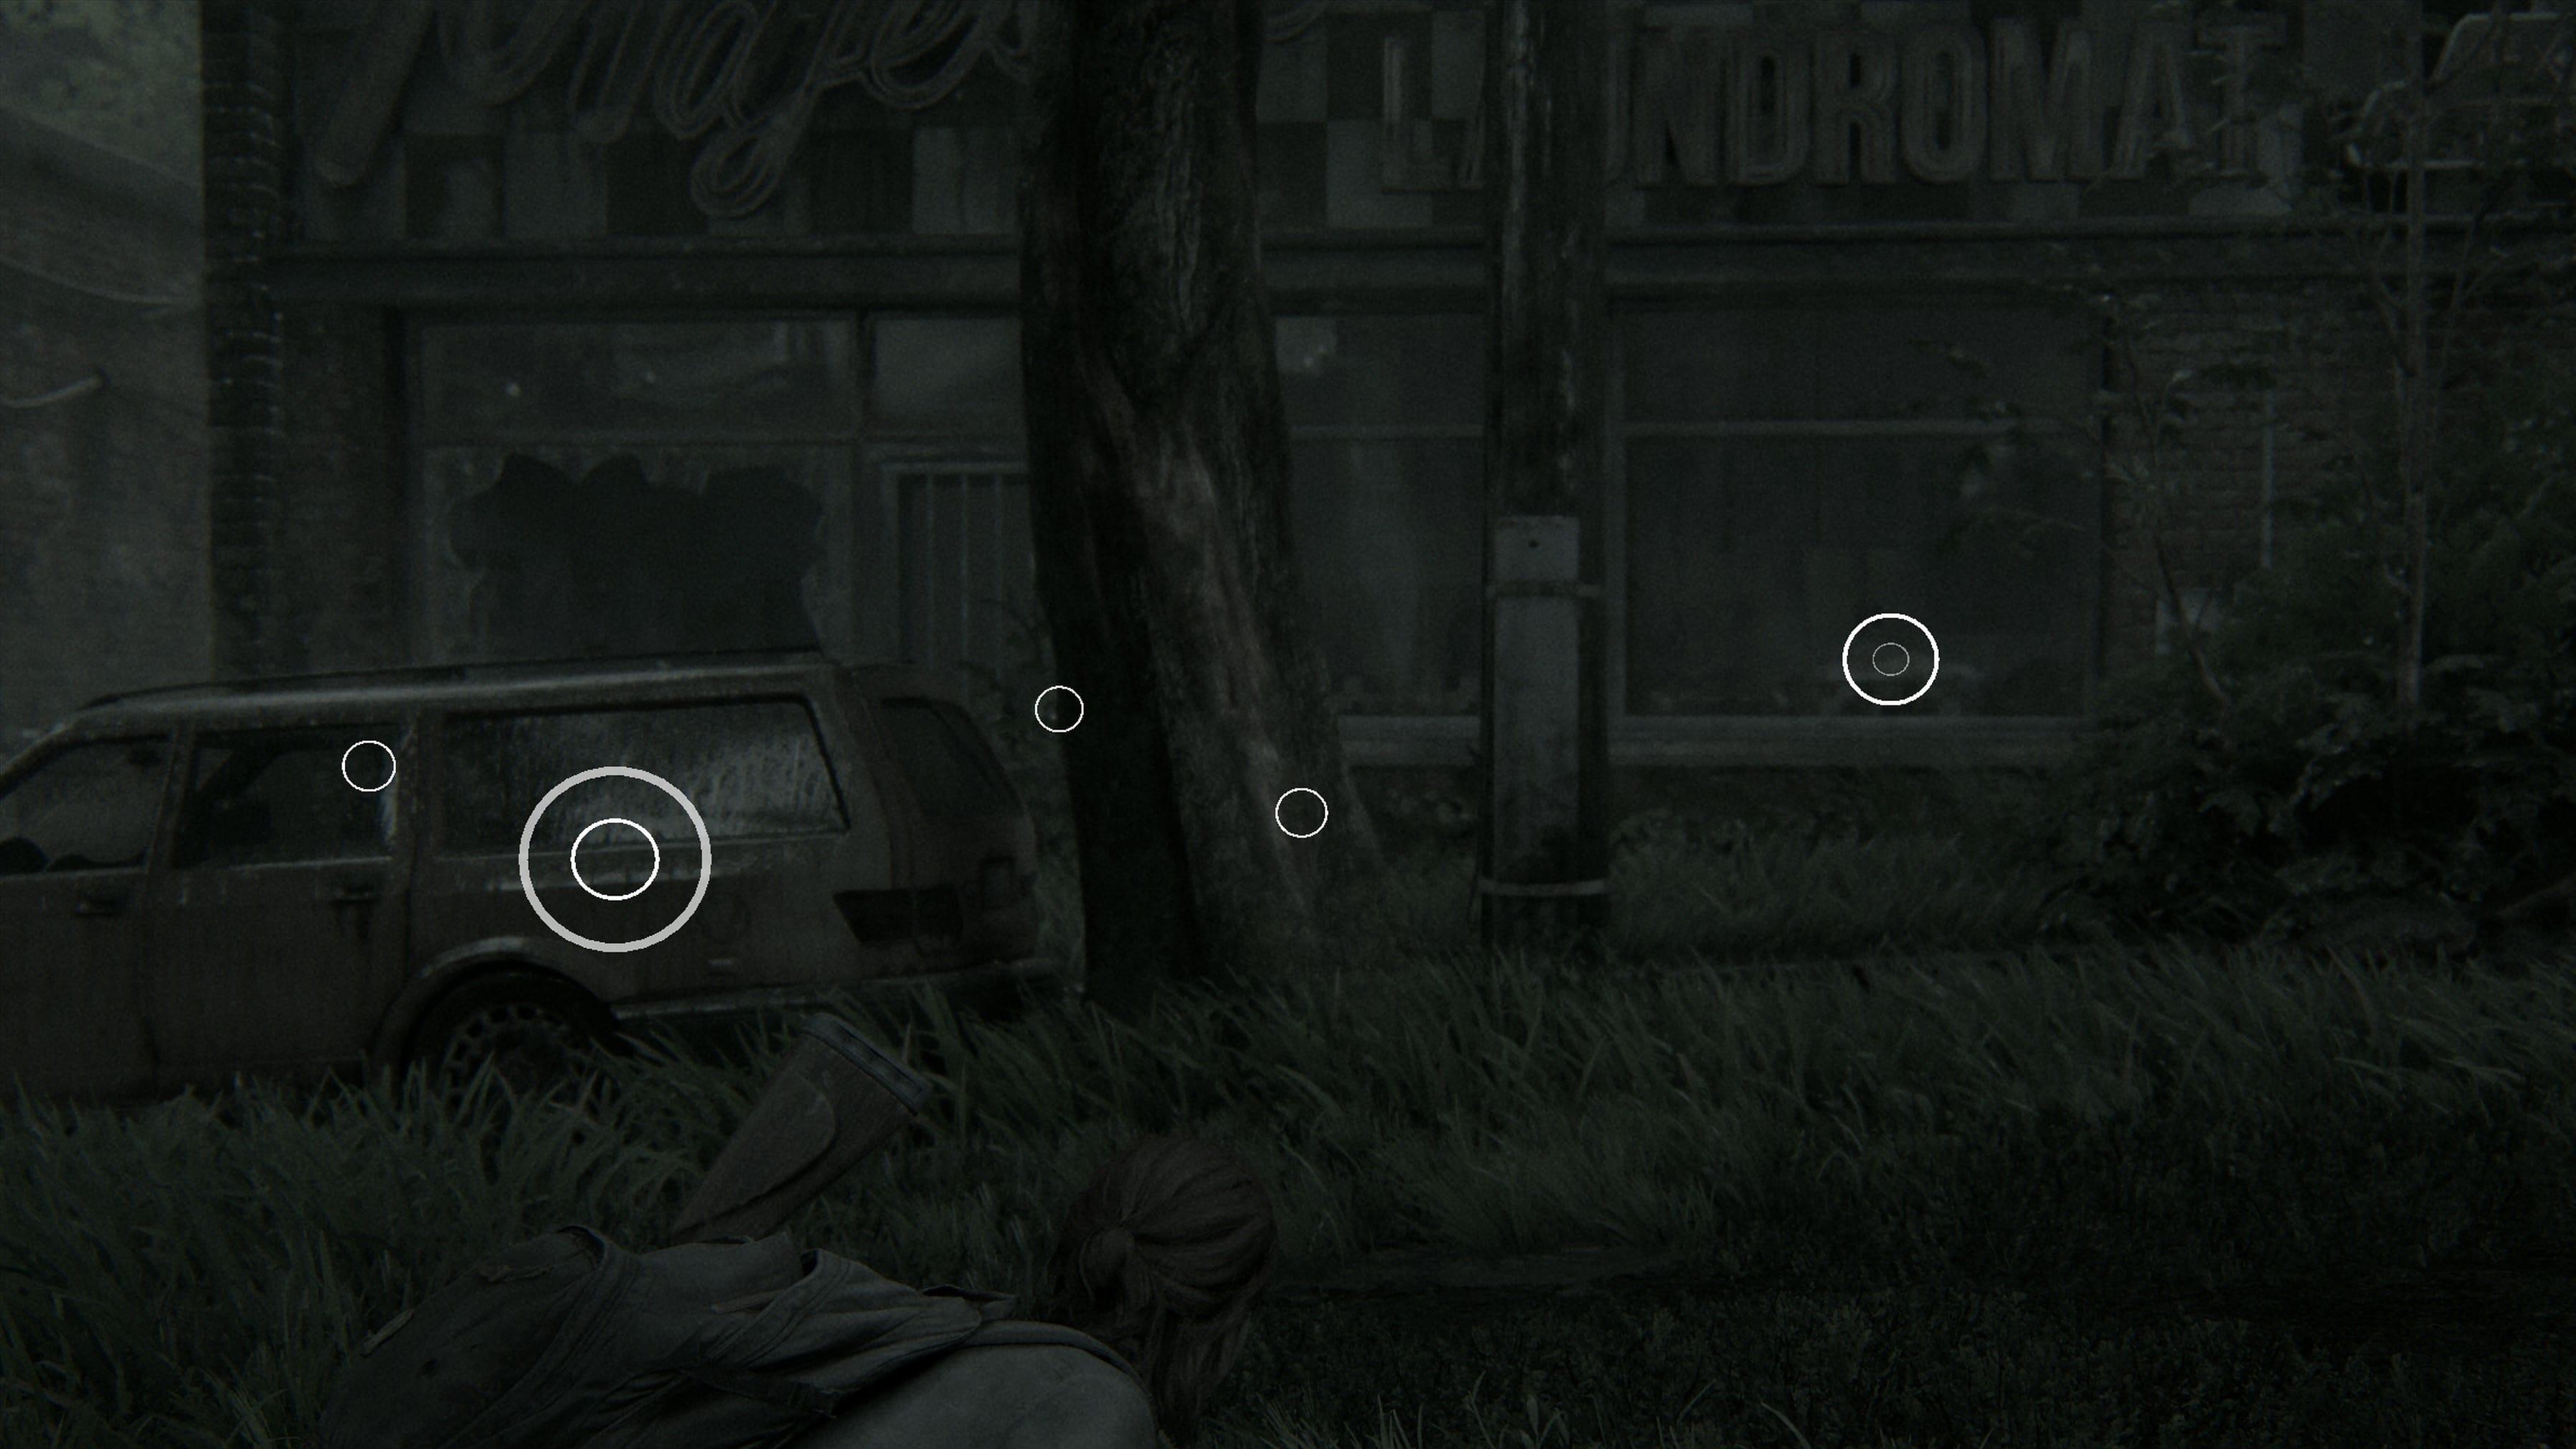 The Last of Us 2 Lauschmodus Barrierefreiheit